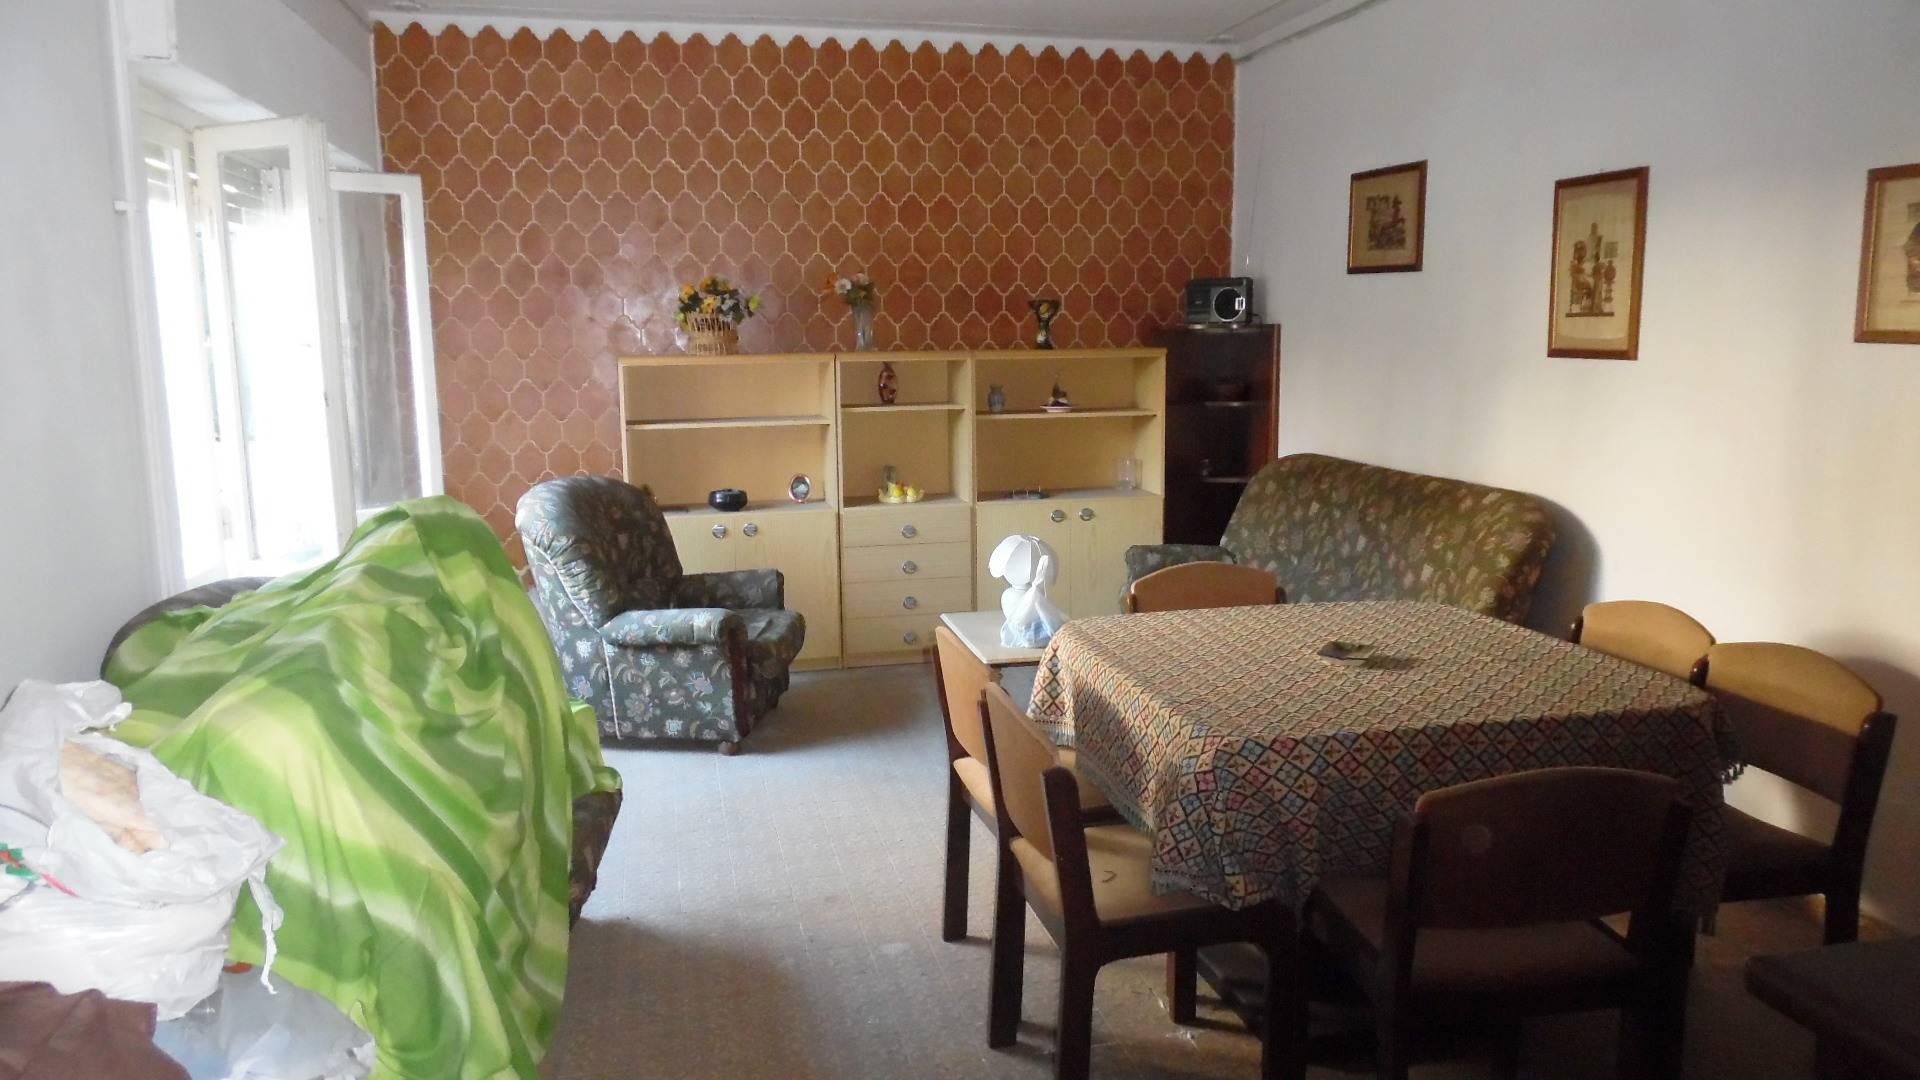 Soluzione Indipendente in vendita a Martinsicuro, 5 locali, zona Località: Centro, prezzo € 160.000 | Cambio Casa.it